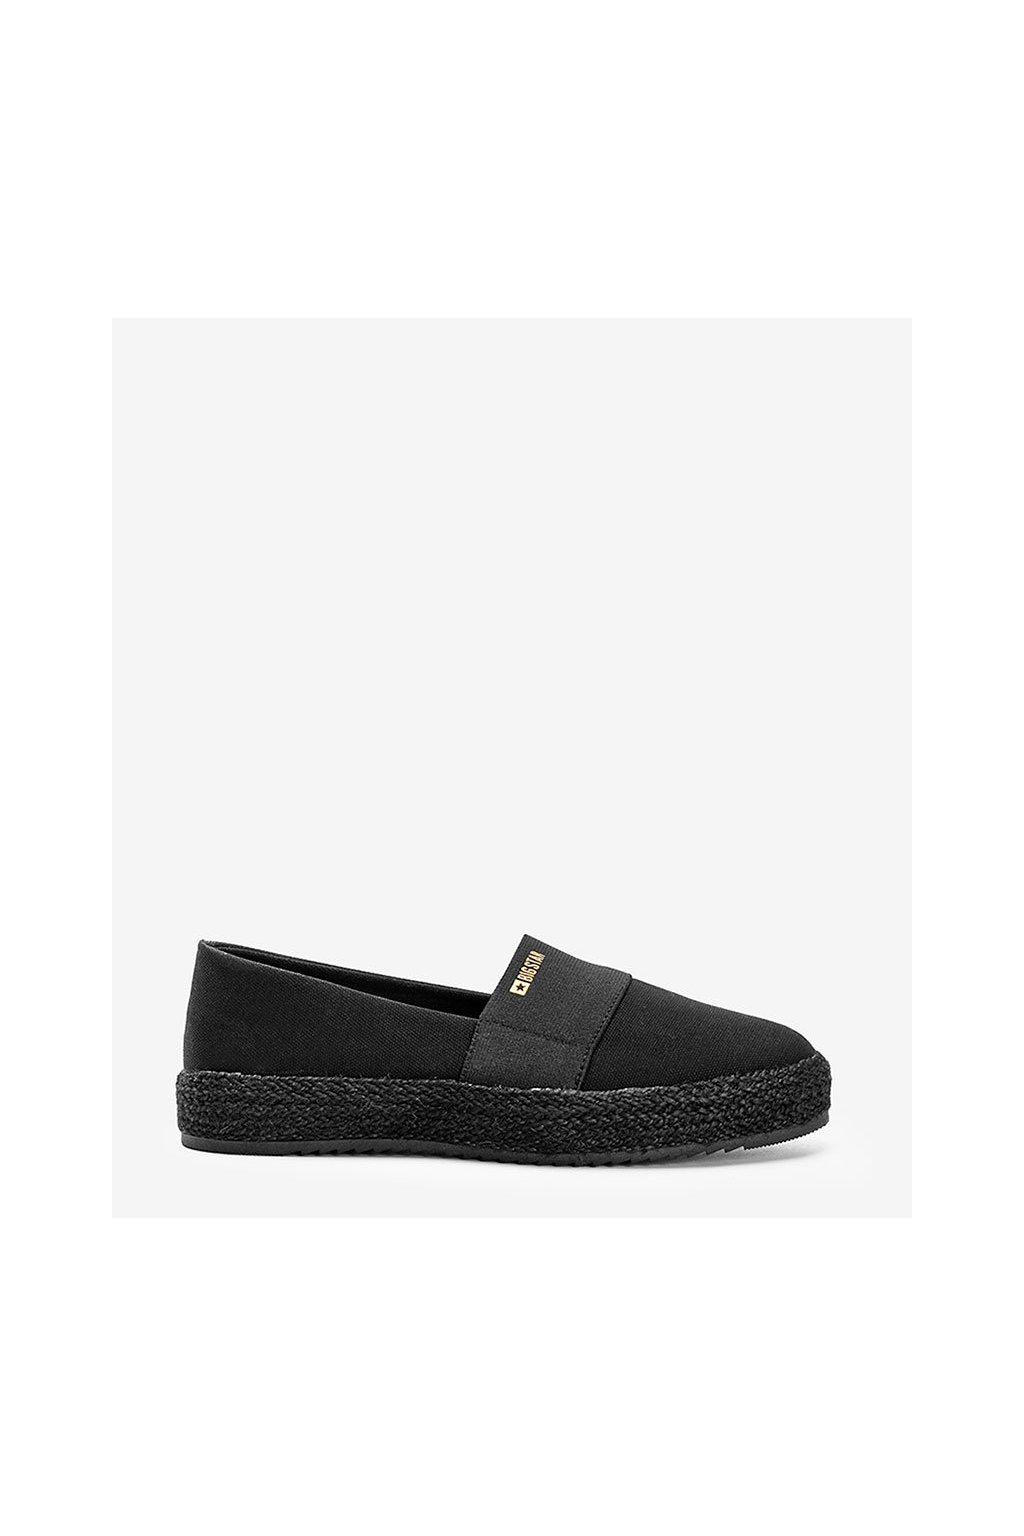 Dámske topánky espadrilky čierne kód HH274482 - GM